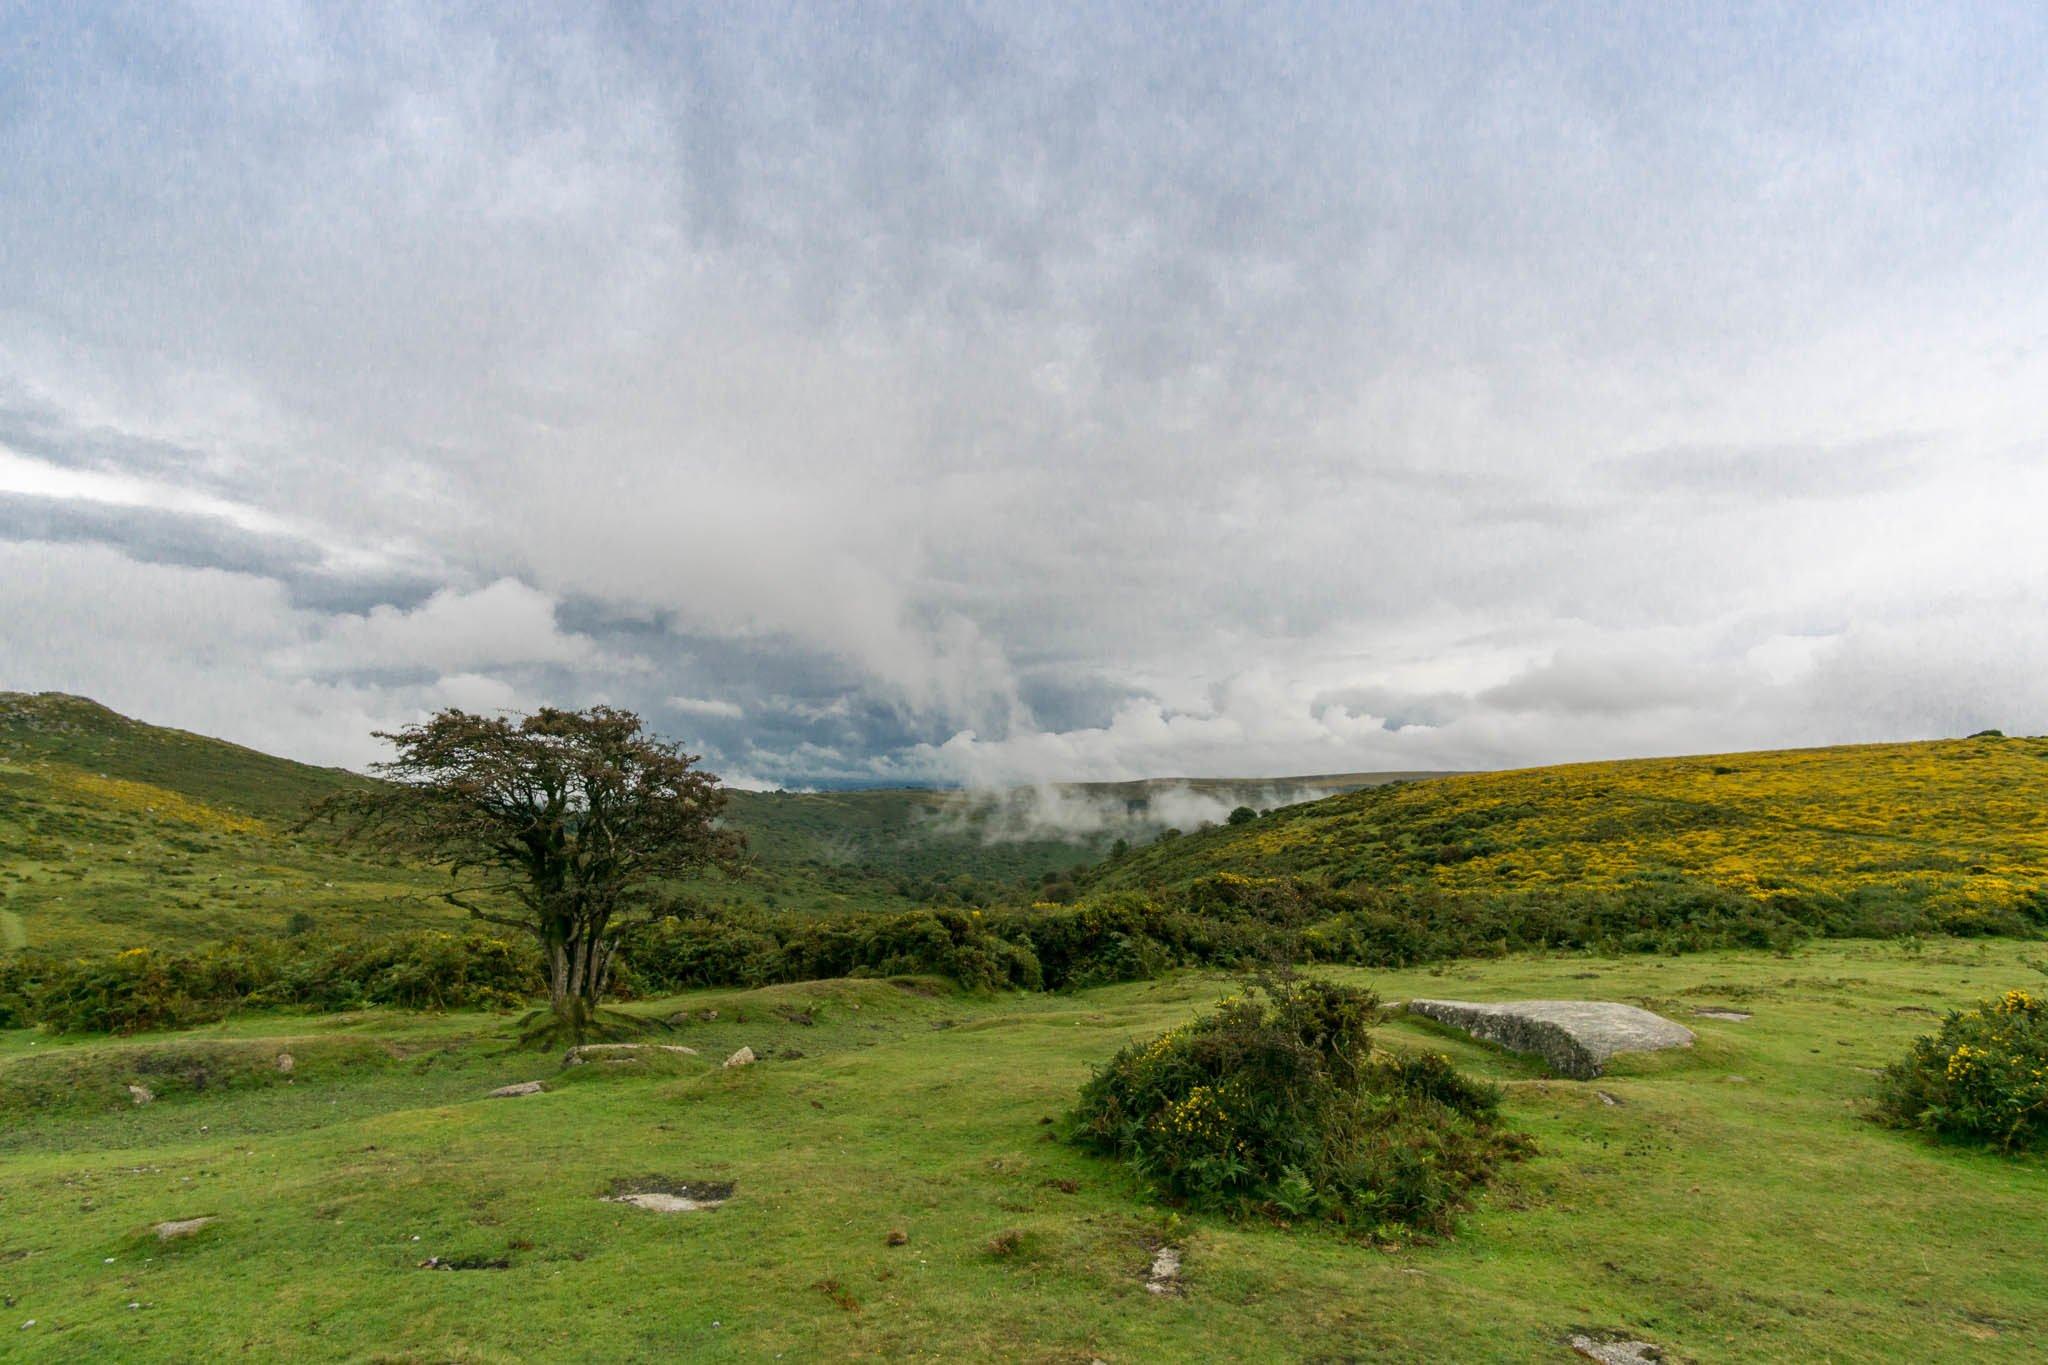 Landschaftsaufnahme mit Weitwinkelobjektiv 12 mm